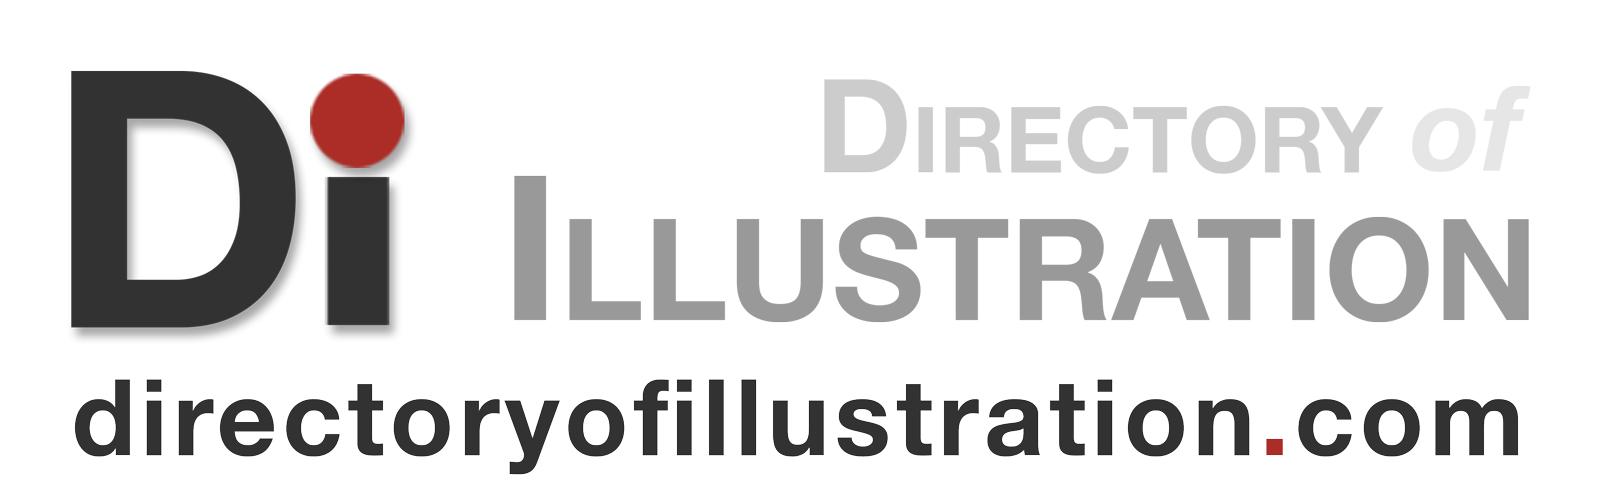 DiIll_logo_web.jpg#asset:8450